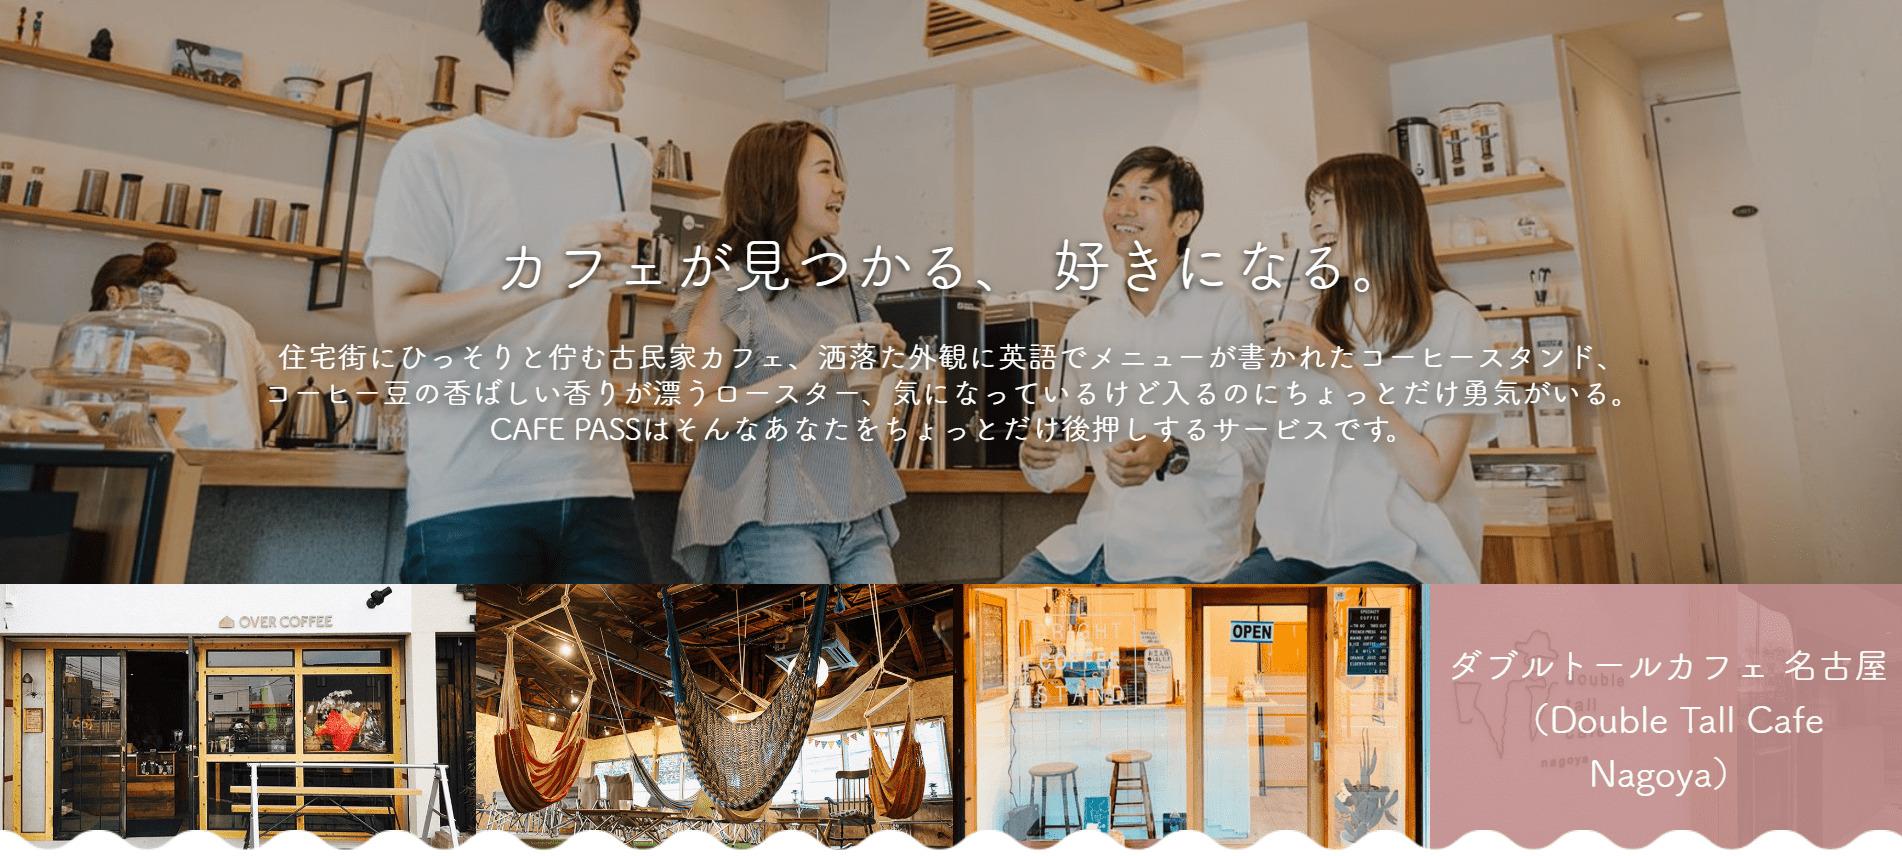 コーヒーのサブスクリプション『CAFE PASS』広がるコーヒー定額制